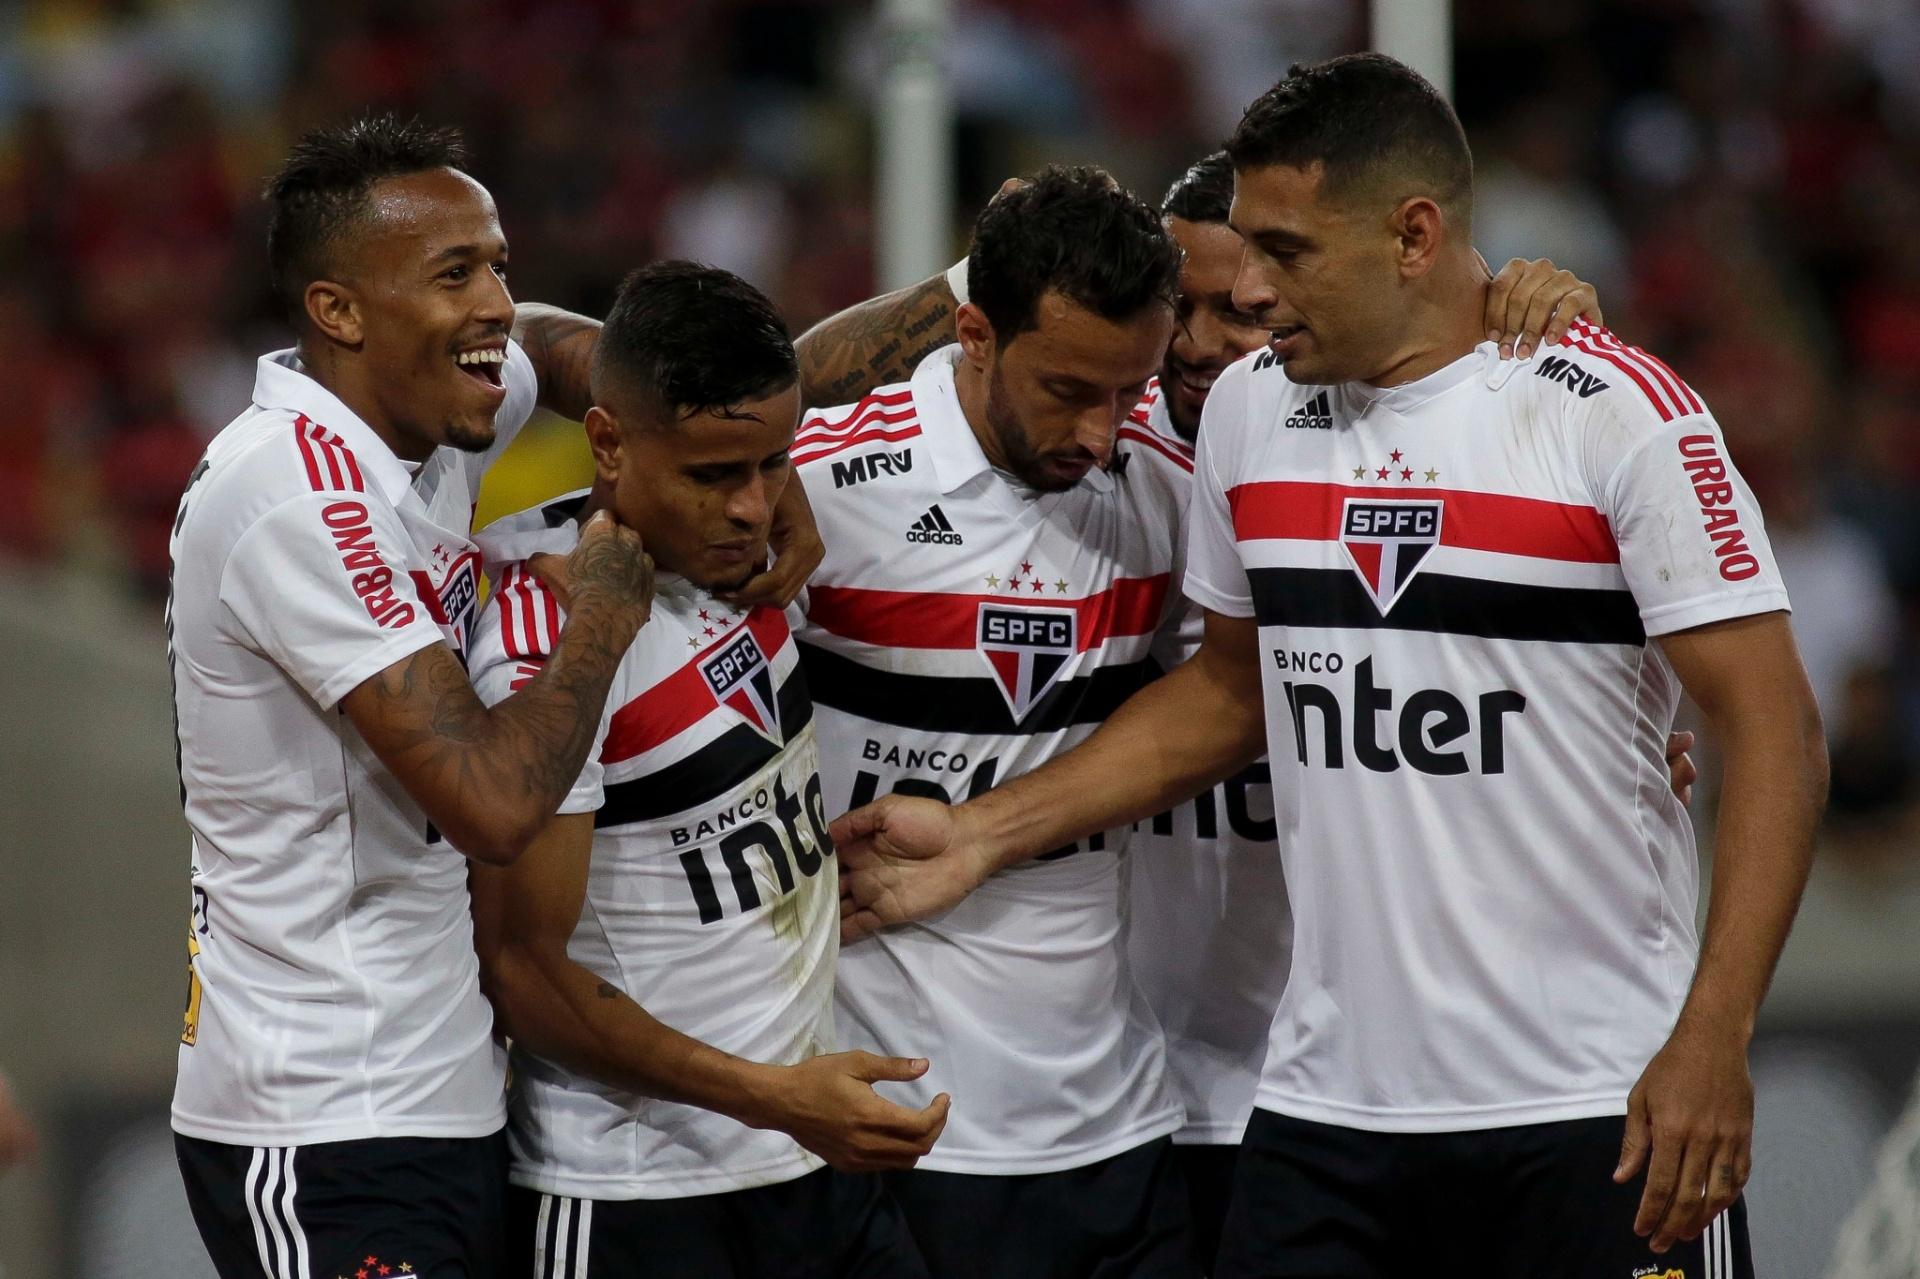 São Paulo segura pressão do Fla e se torna vice-líder com gol de Everton -  18 07 2018 - UOL Esporte 0b810436b5200